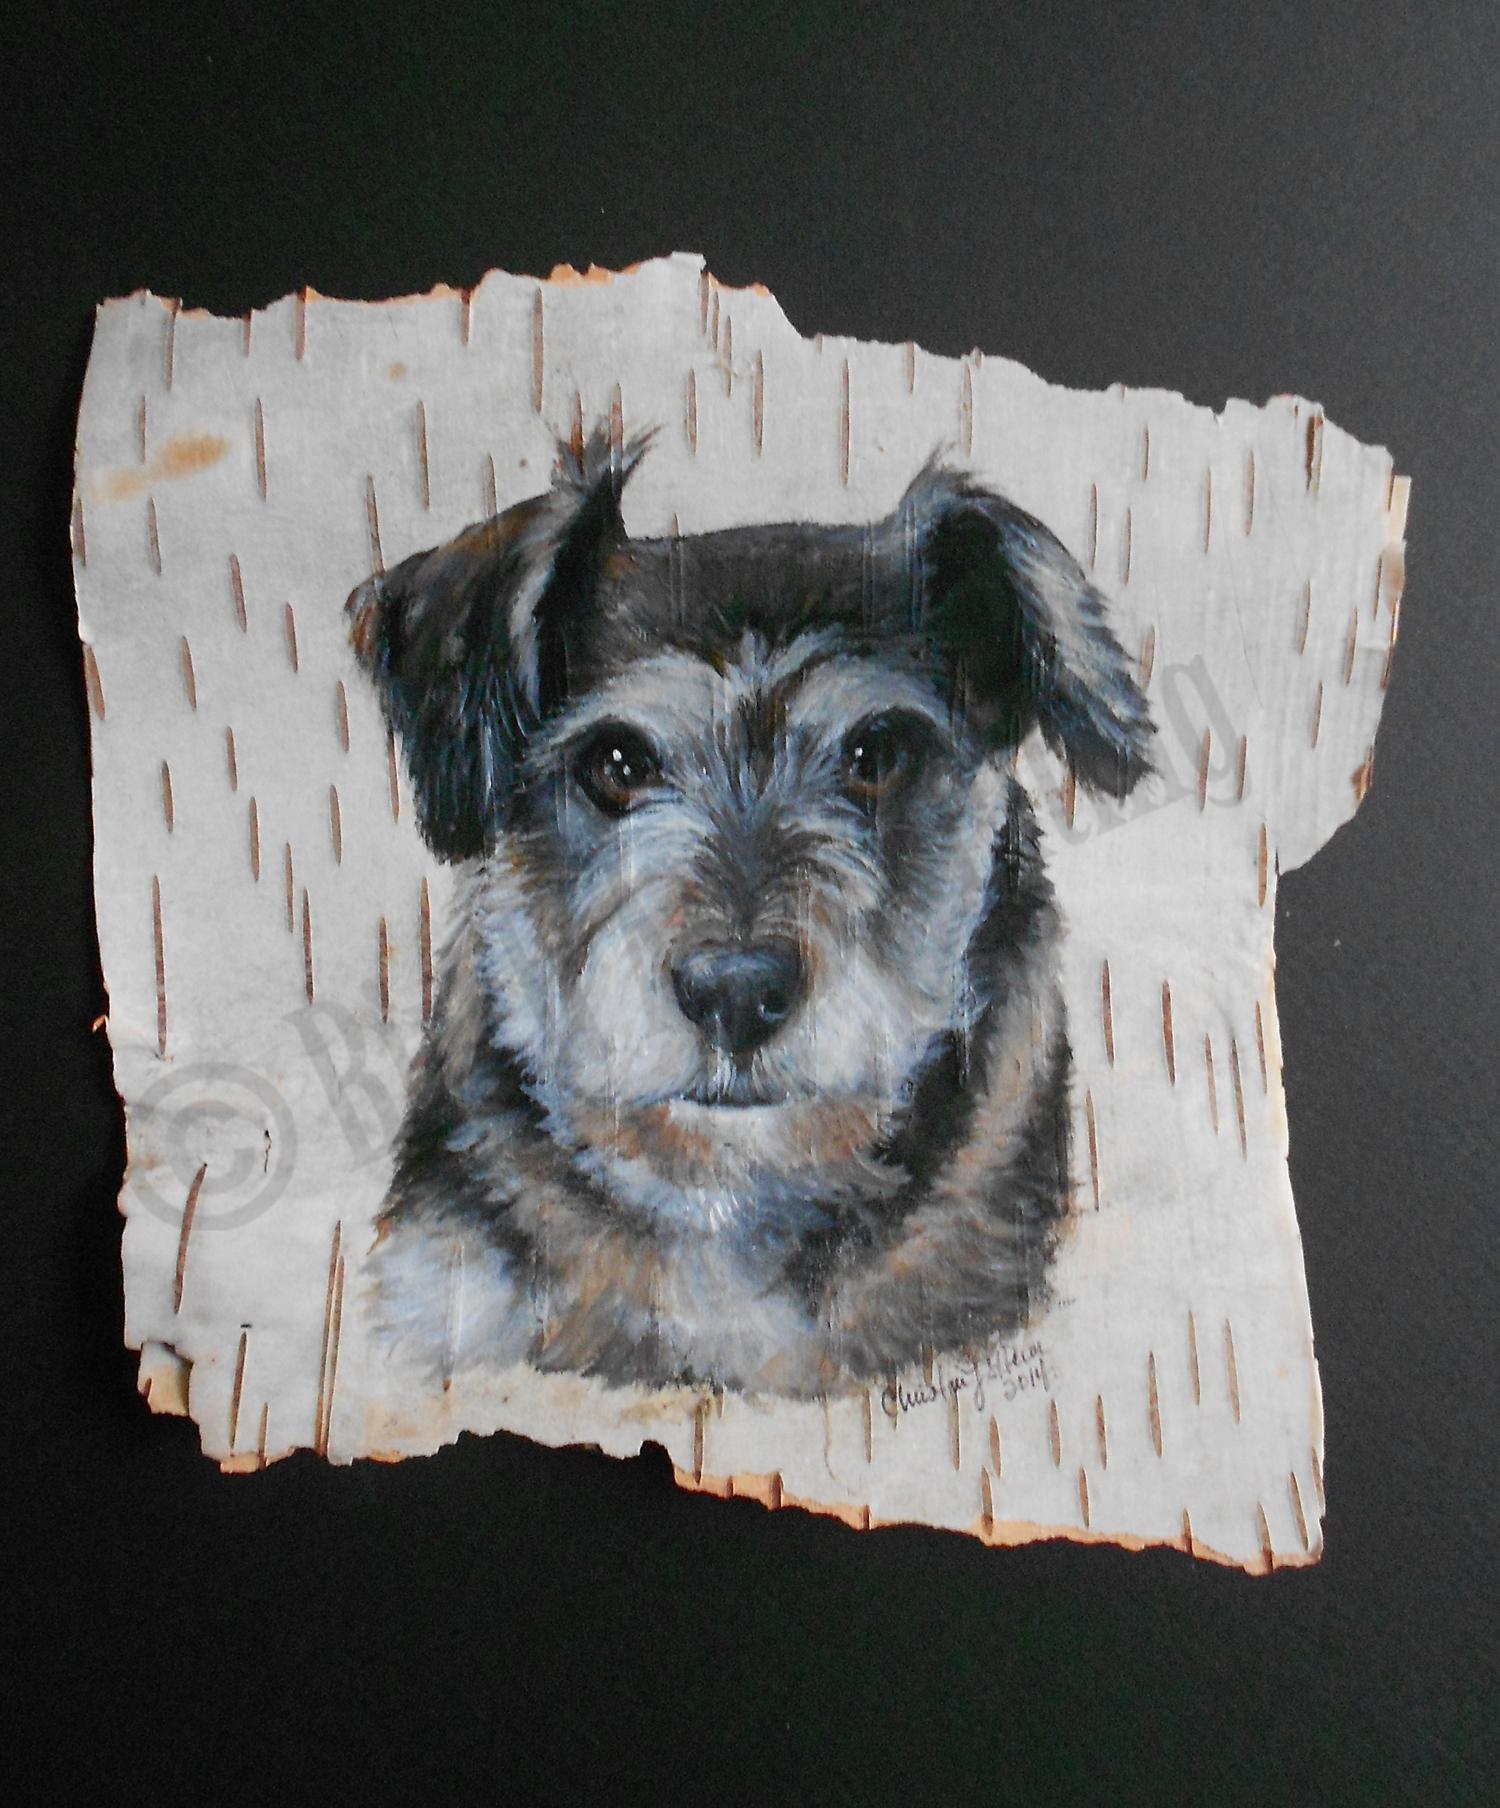 Portrait on Maine birch bark